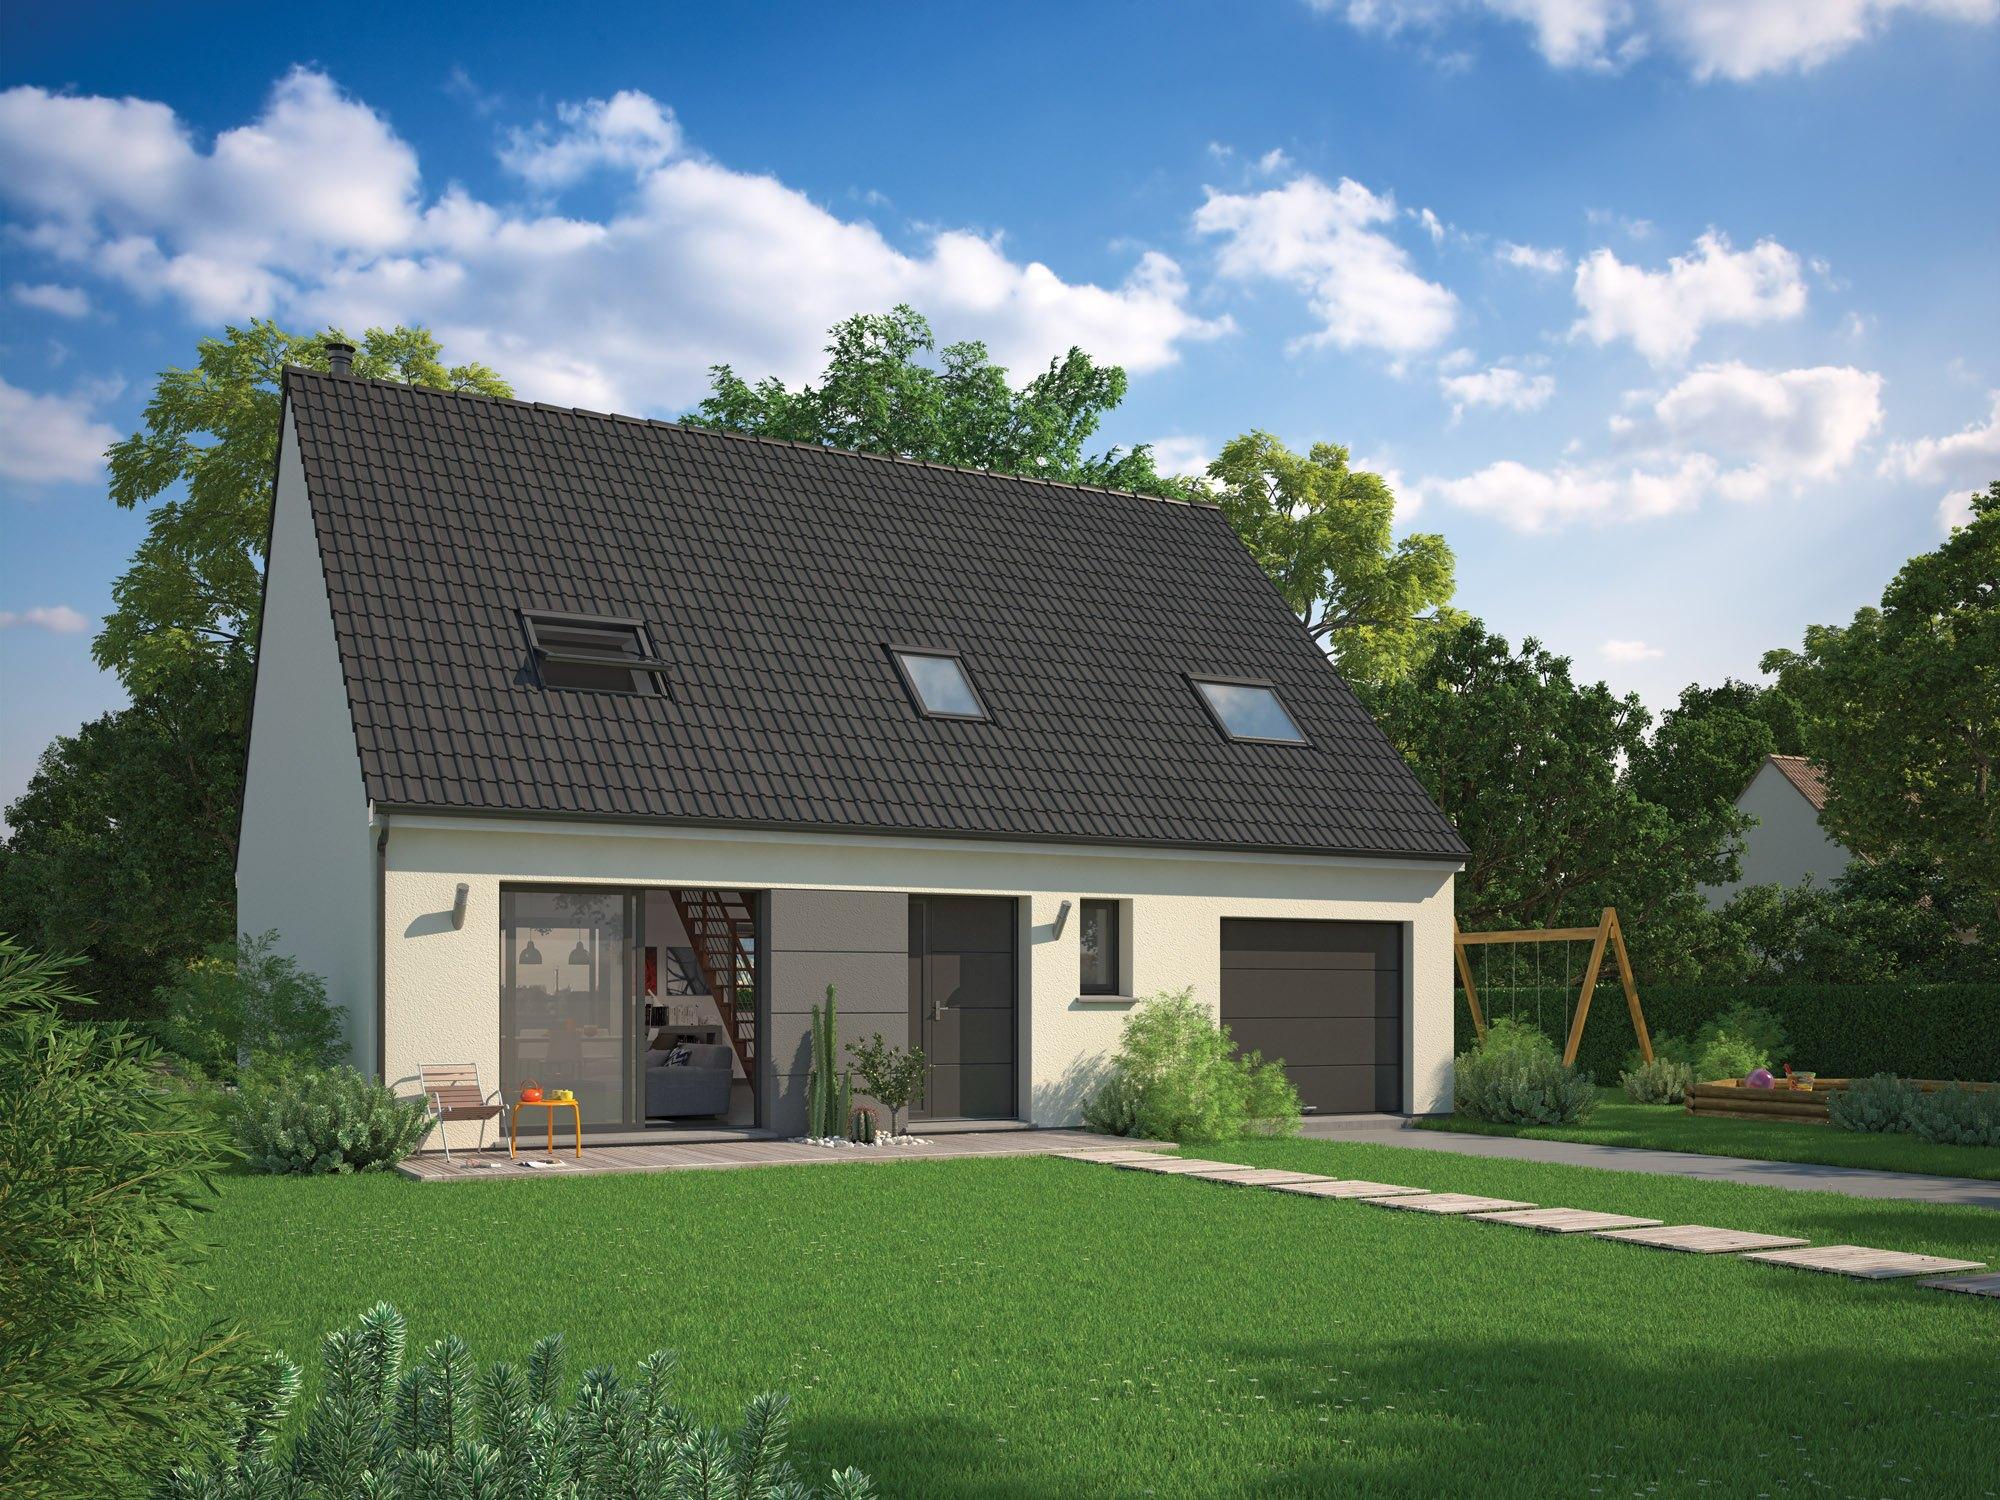 Maisons + Terrains du constructeur MAISON FAMILIALE • 100 m² • MARINES